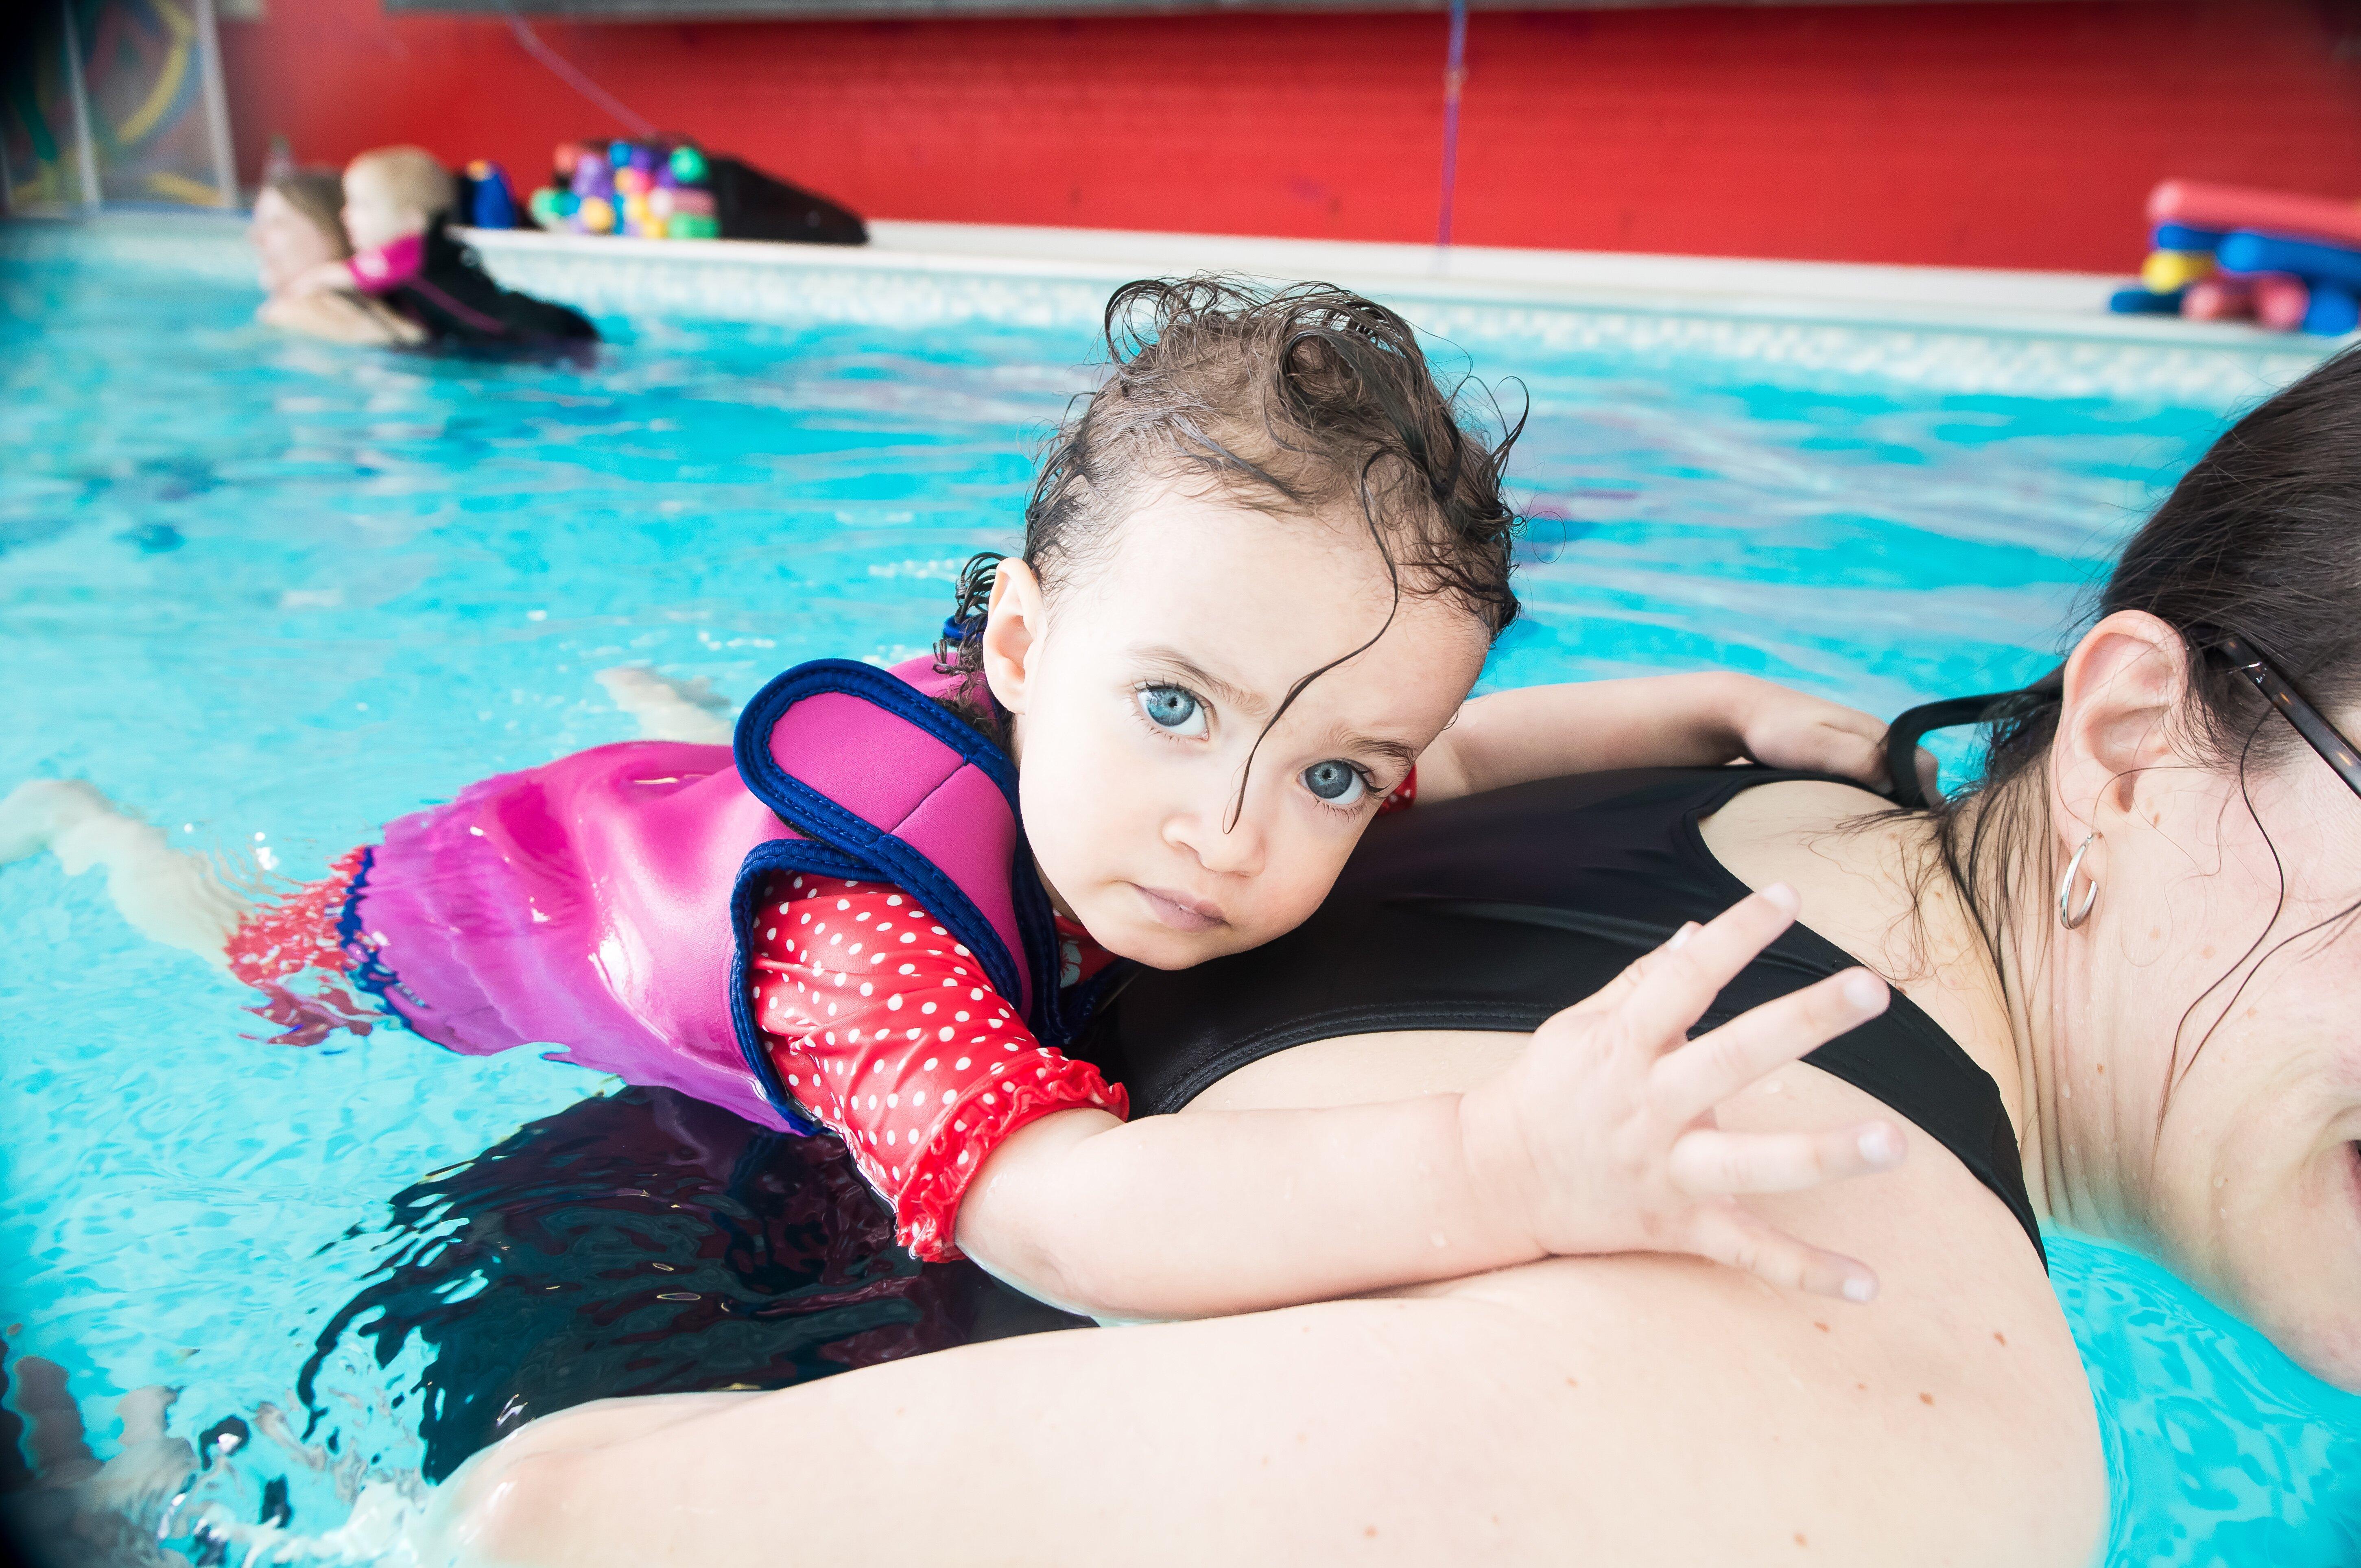 гидрокостюм для ребенка в бассейне